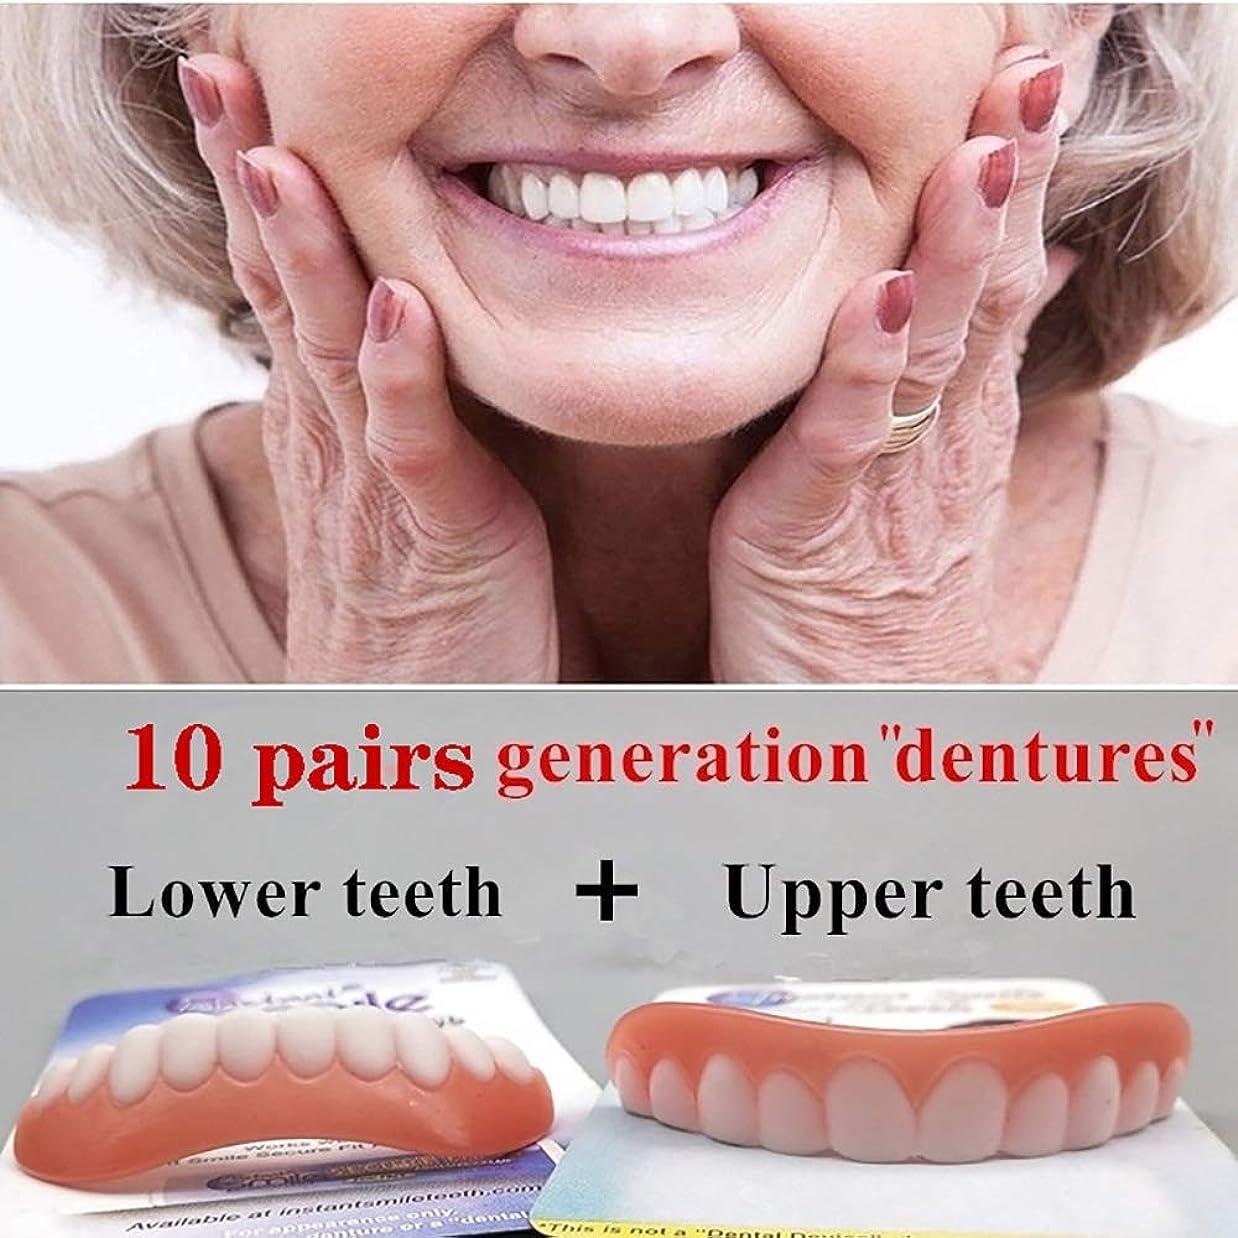 にやにや顎回復する20個の歯のベニヤ化粧品の歯スナップオンセキュアアッパーローワーコンフォートフィット歯のベニヤセキュアインスタント笑顔化粧品ワンサイズはすべての義歯のケアツールにフィット